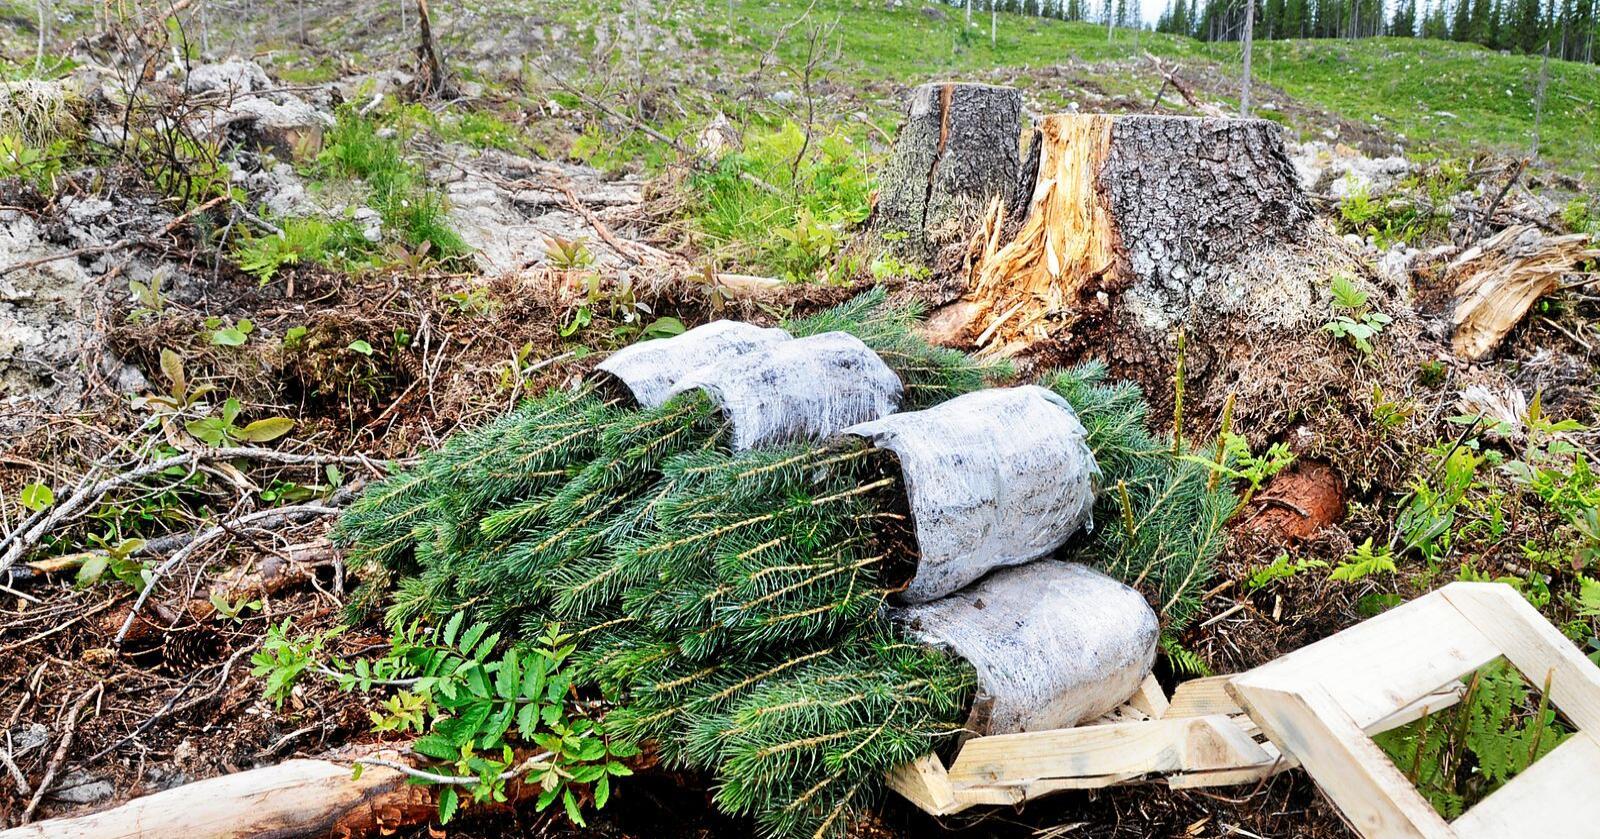 Potensial: Tettere og mer skogplanting -gjødsling øker opptaket av CO2 i skogen. Foto: Mariann Tvete